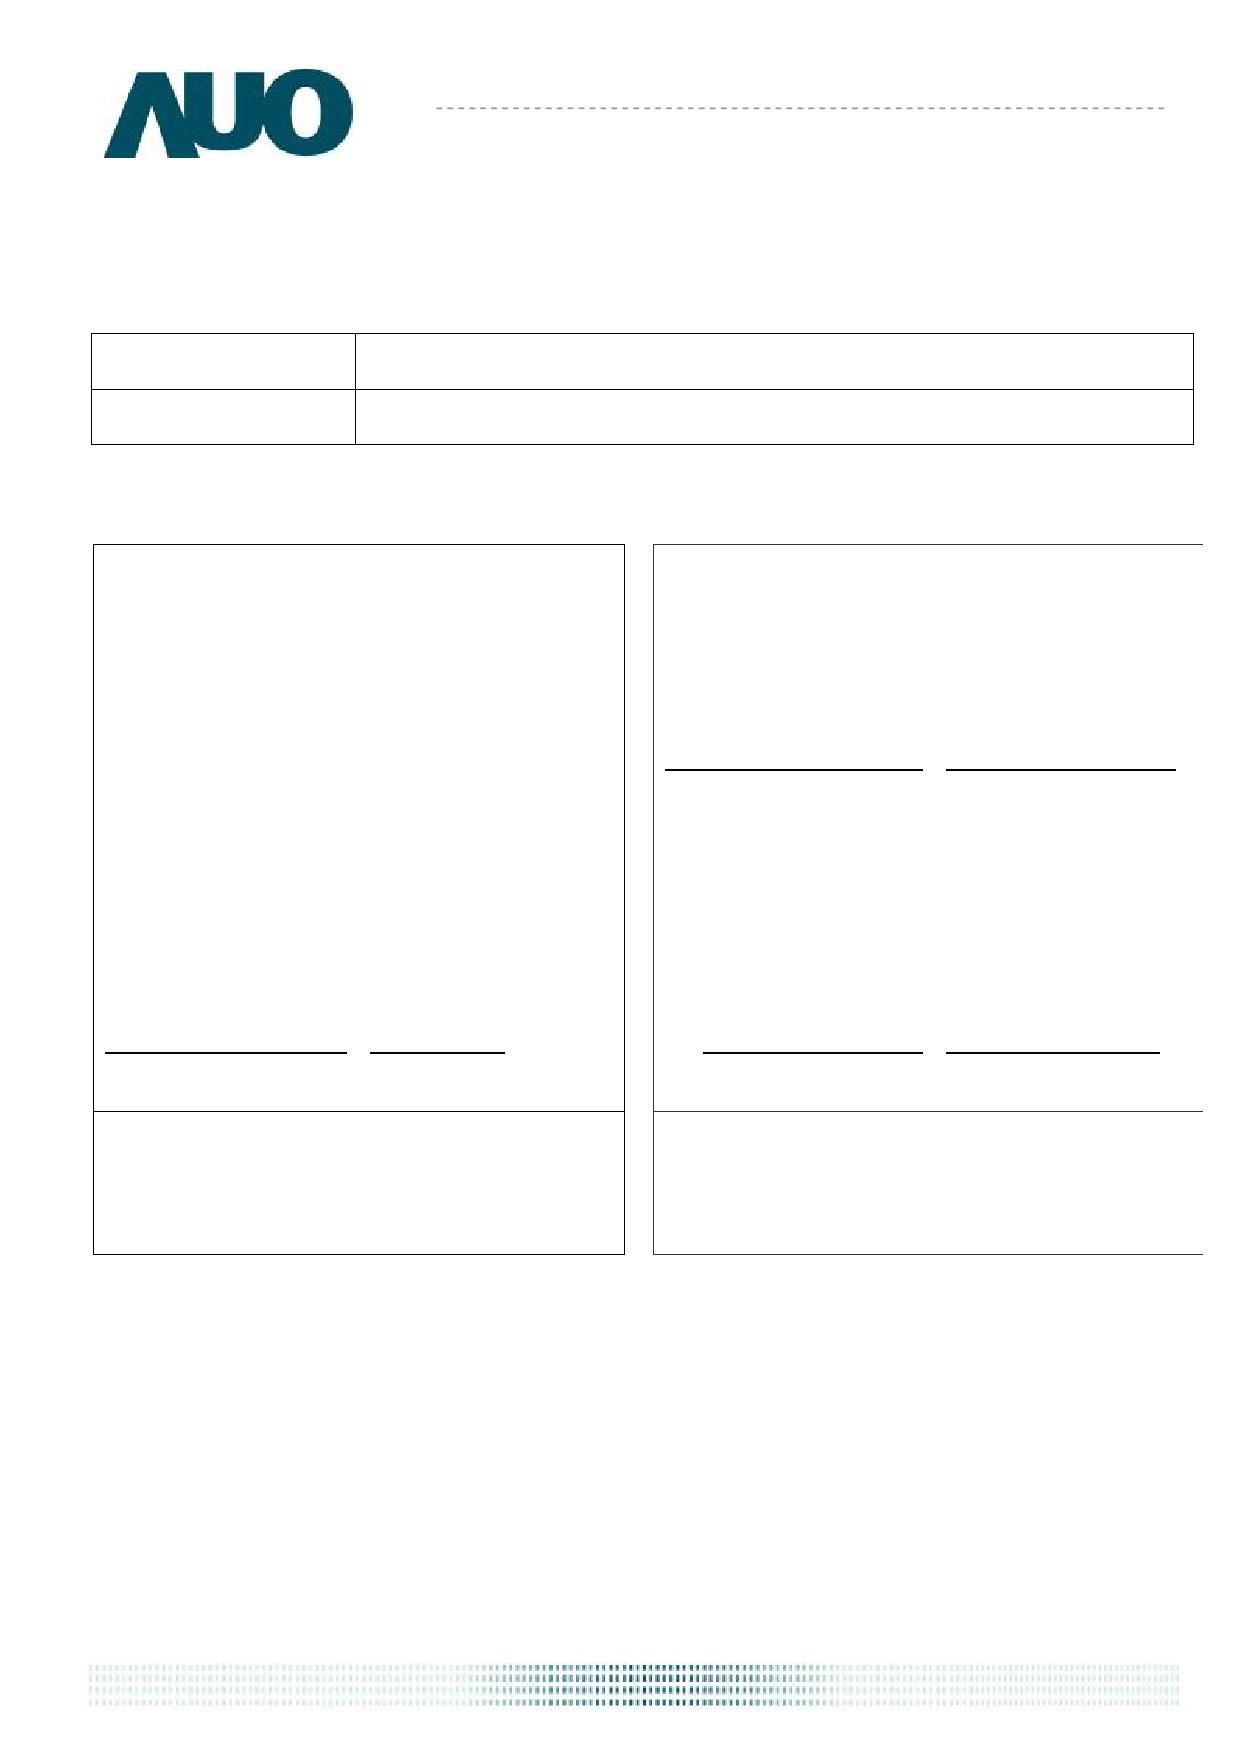 G104SN03_V1 دیتاشیت PDF